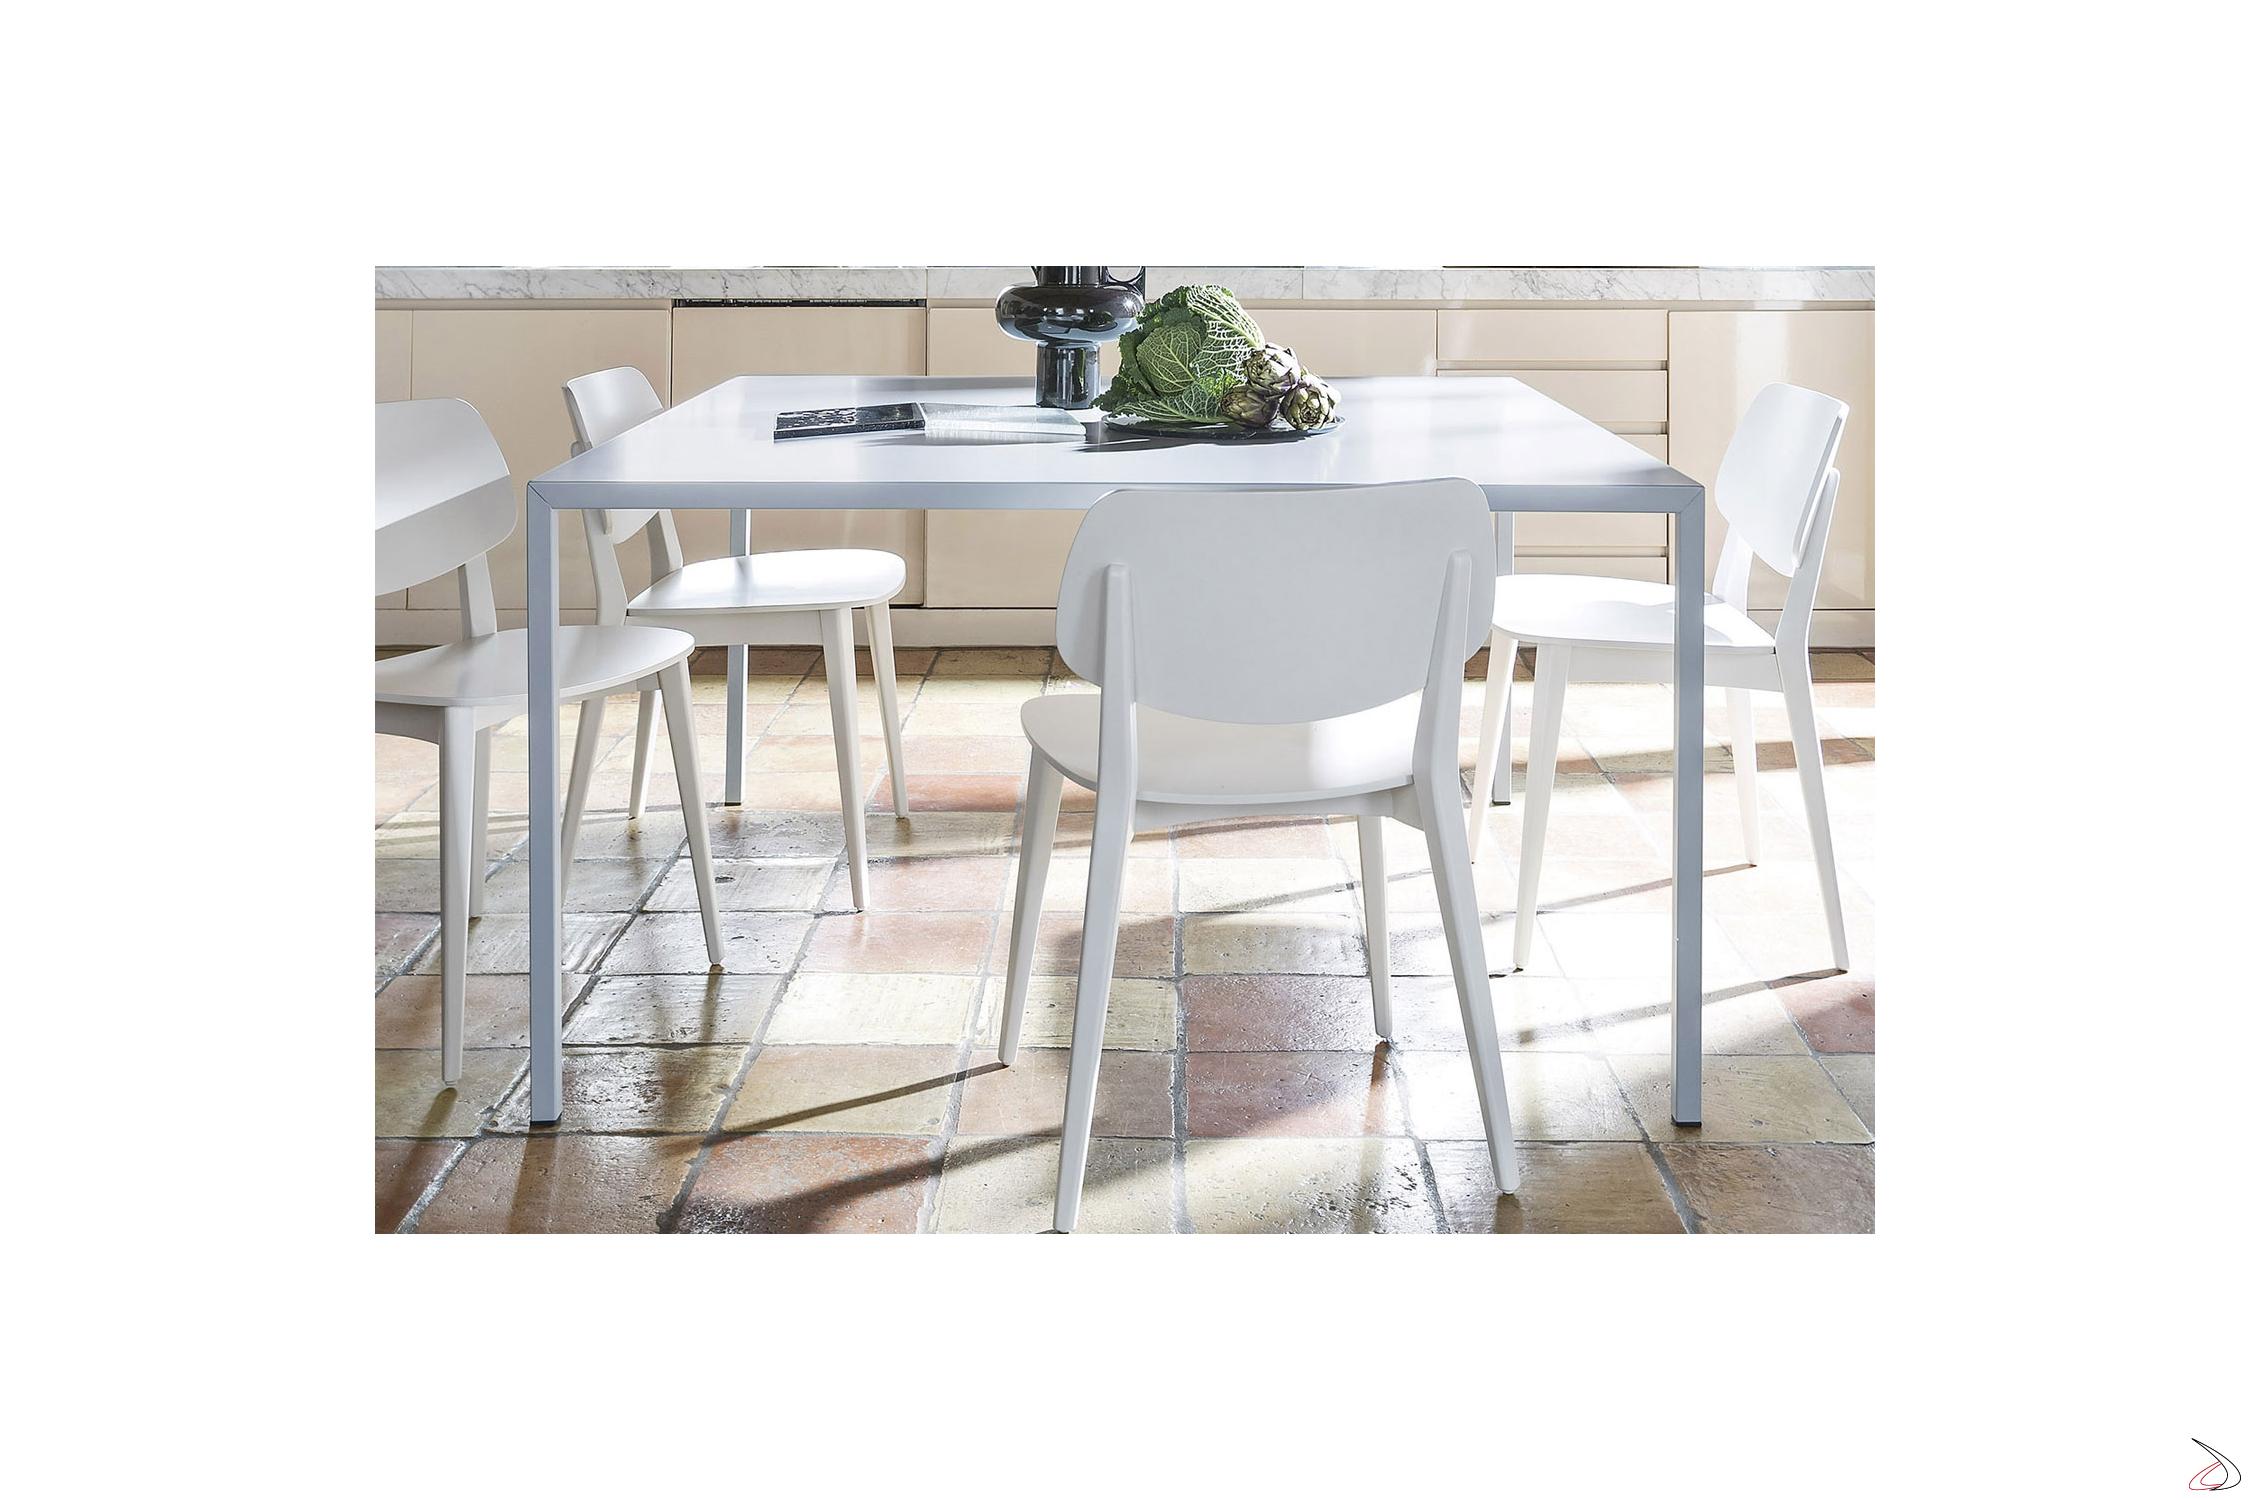 Tavoli Quadrati Di Design.Tavolo Cucina Quadrato Di Design Filo Toparredi Arredo Design